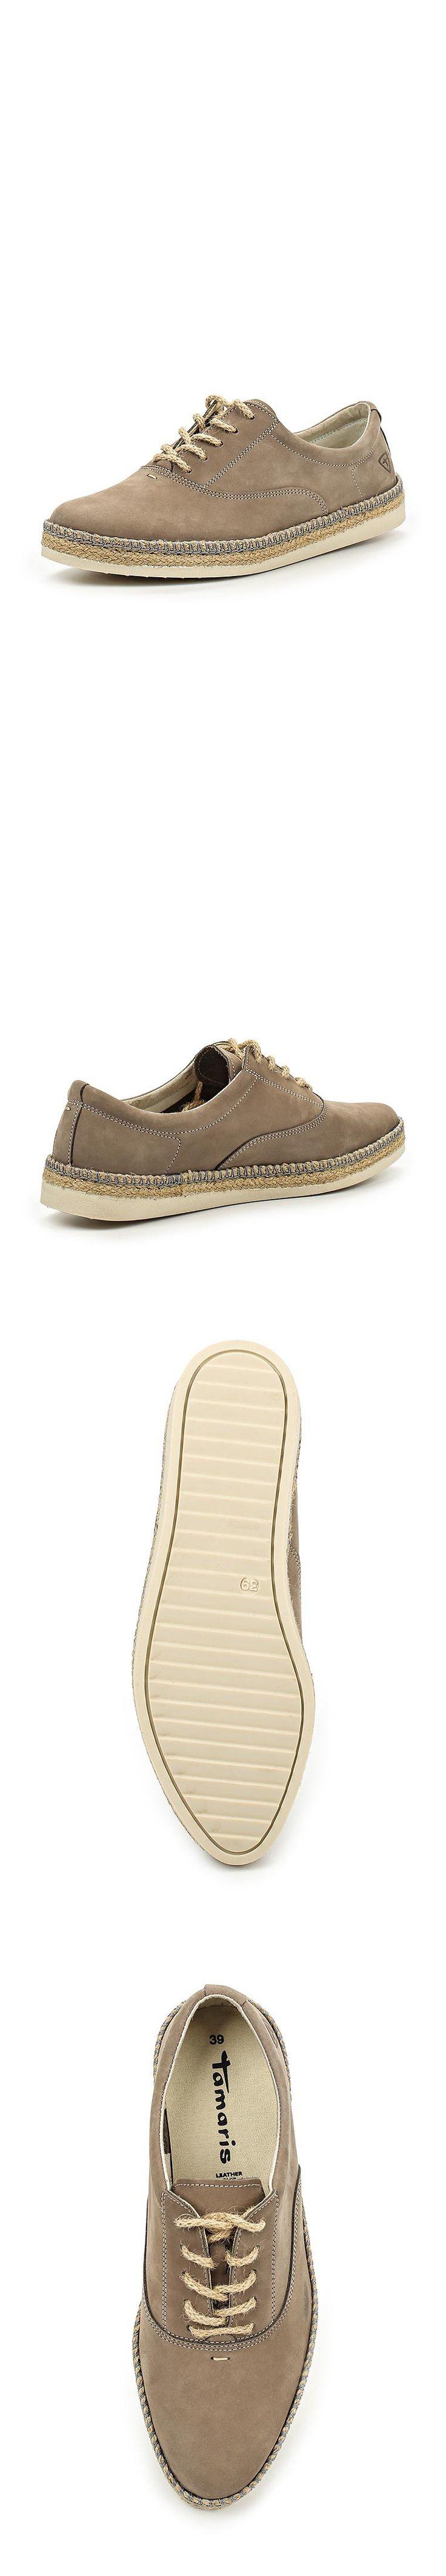 Женская обувь ботинки Tamaris за 5599.00 руб.